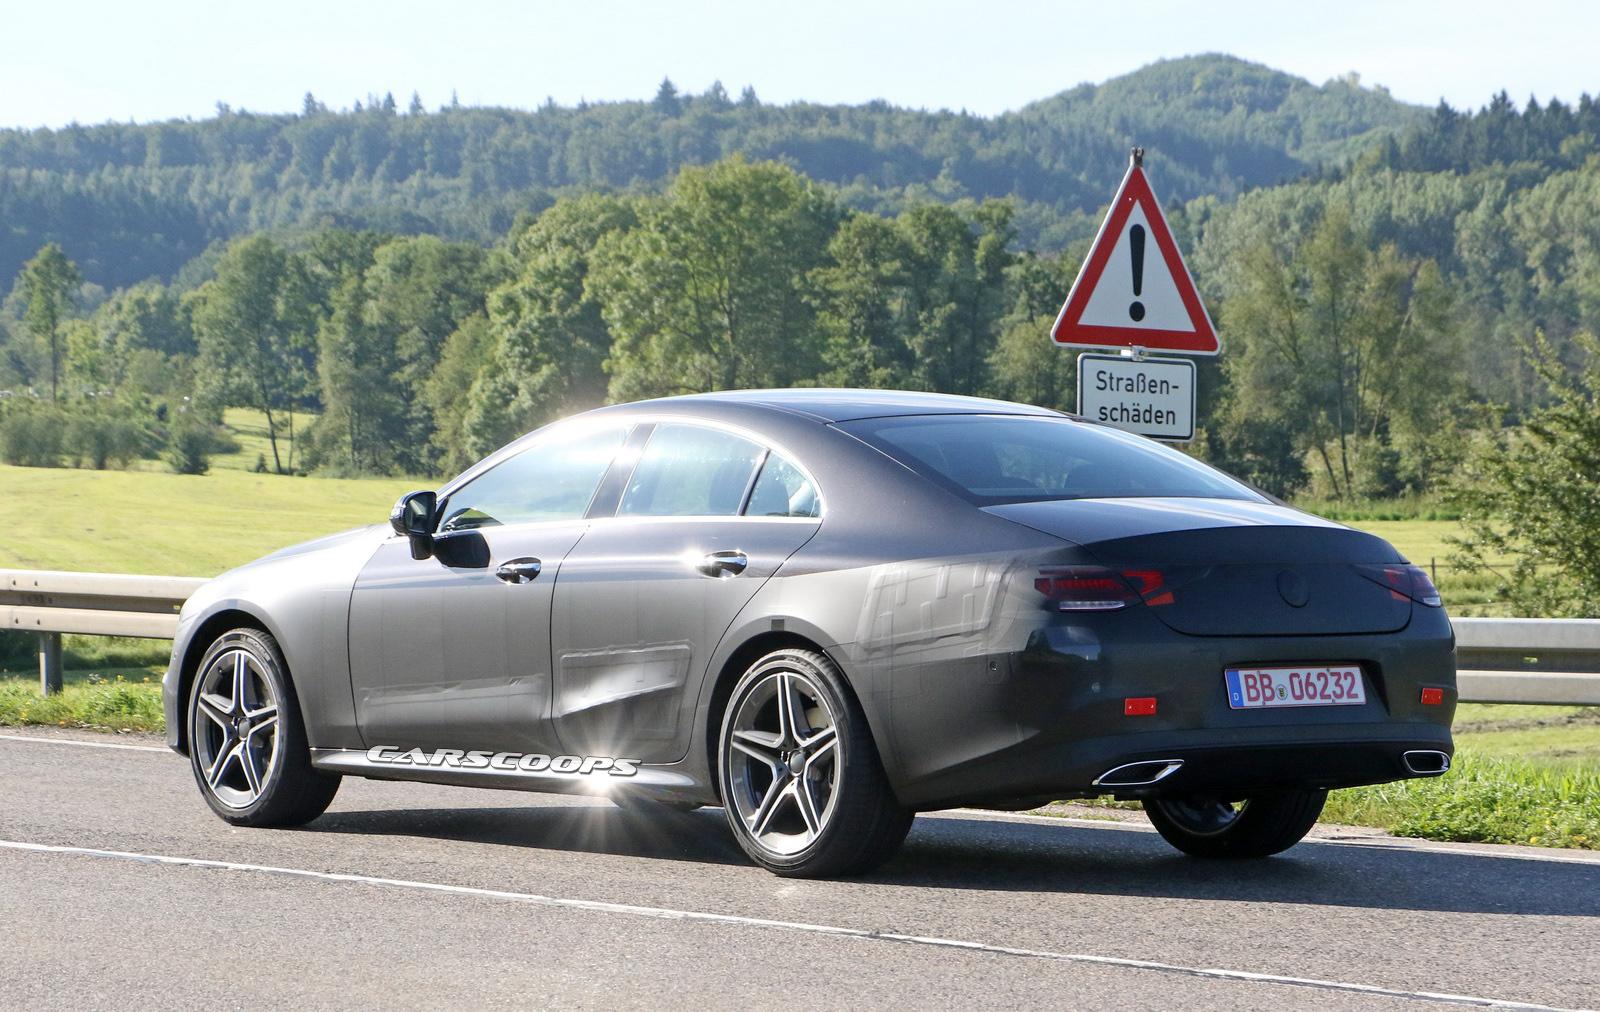 Mercedes-CLS-Light-Camo-11